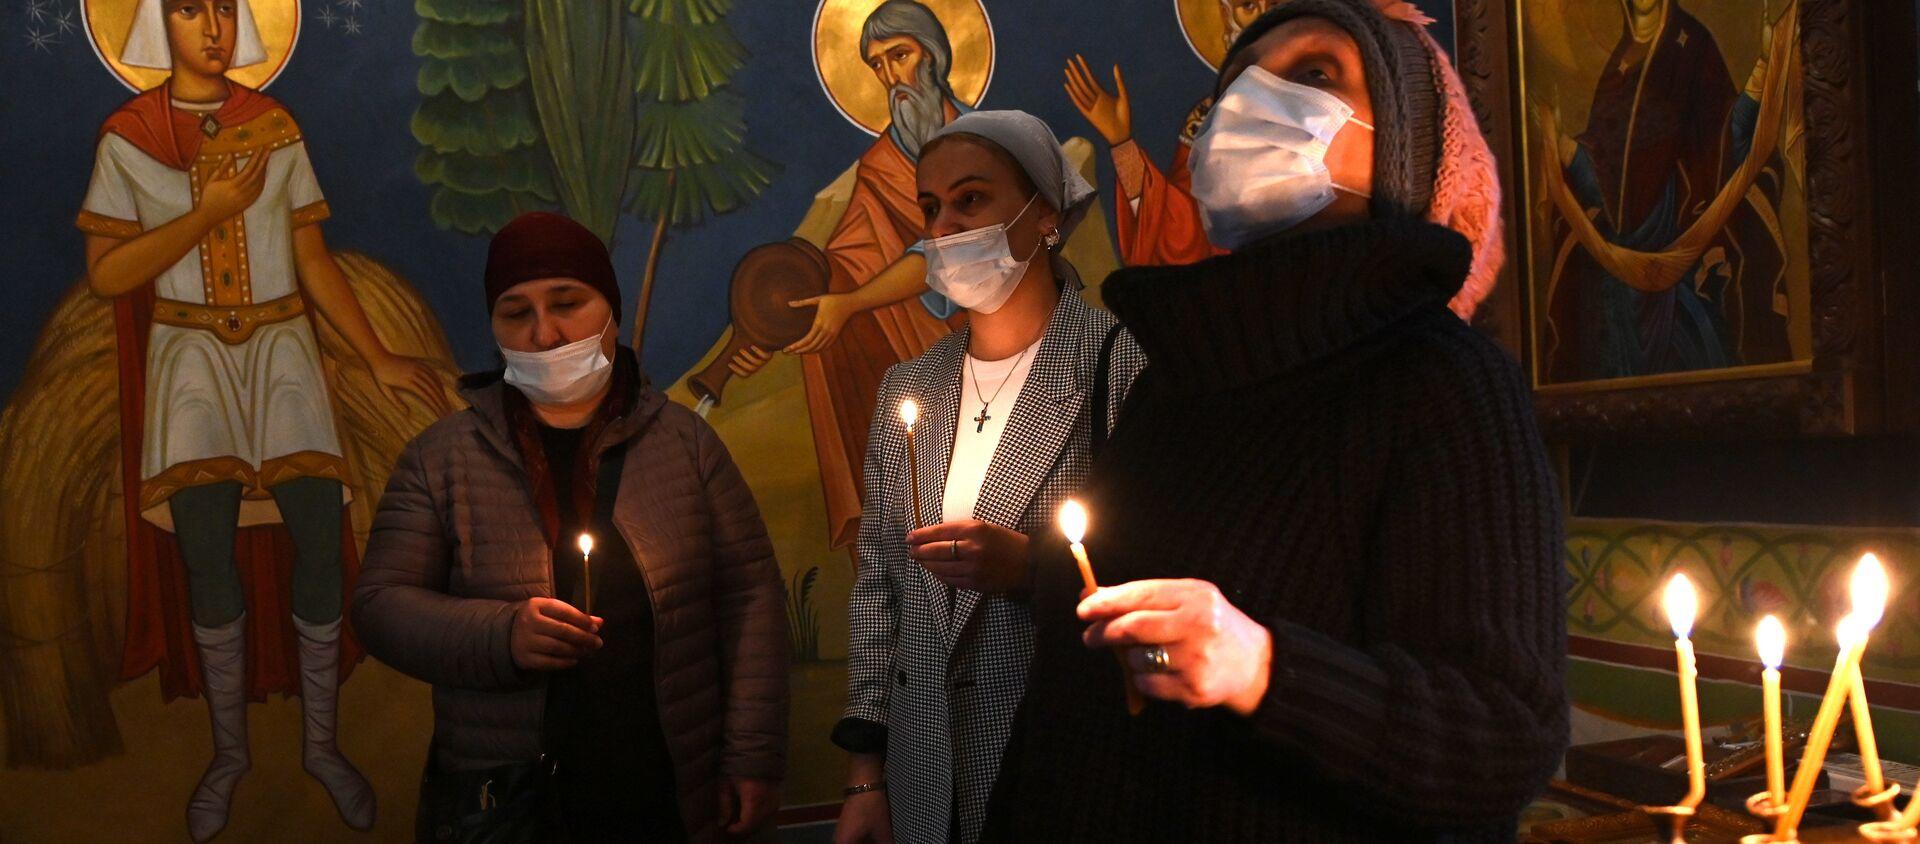 Православные верующие молятся в церкви на празднике Благовещения - Sputnik Грузия, 1920, 24.04.2021